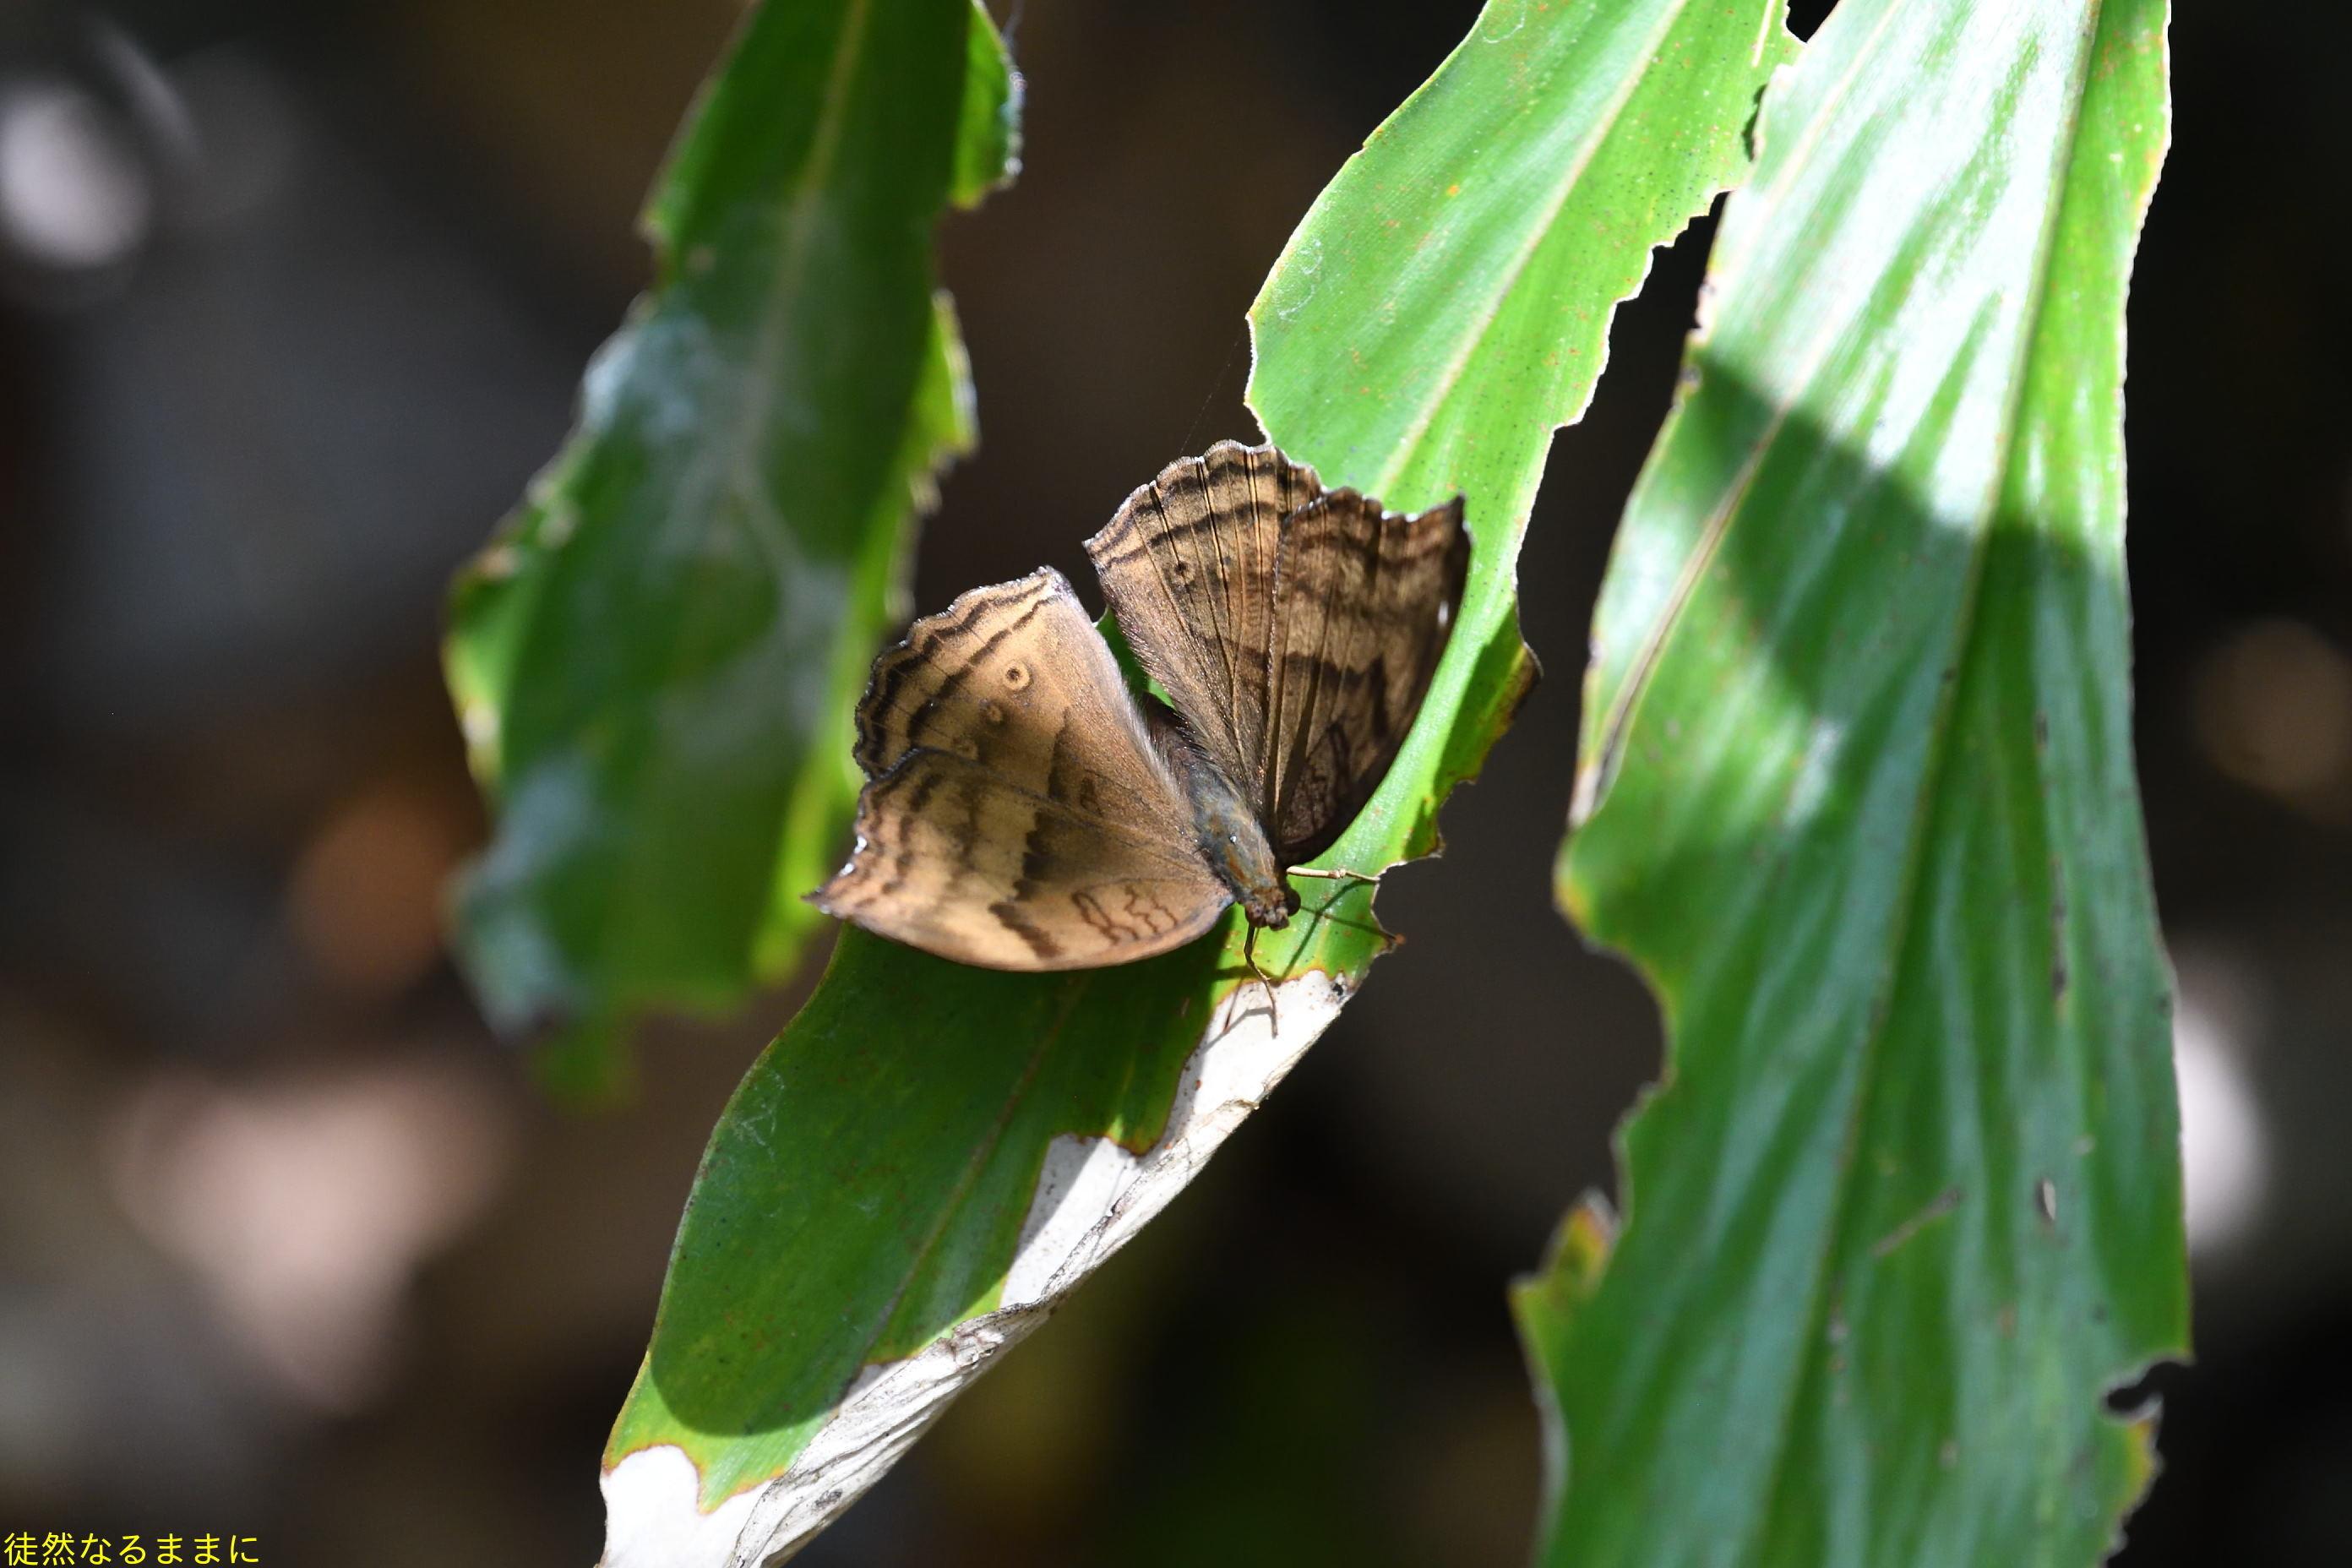 12月30日 AM ホテルの周りの蝶たち inランカウイ島_d0285540_07364375.jpg